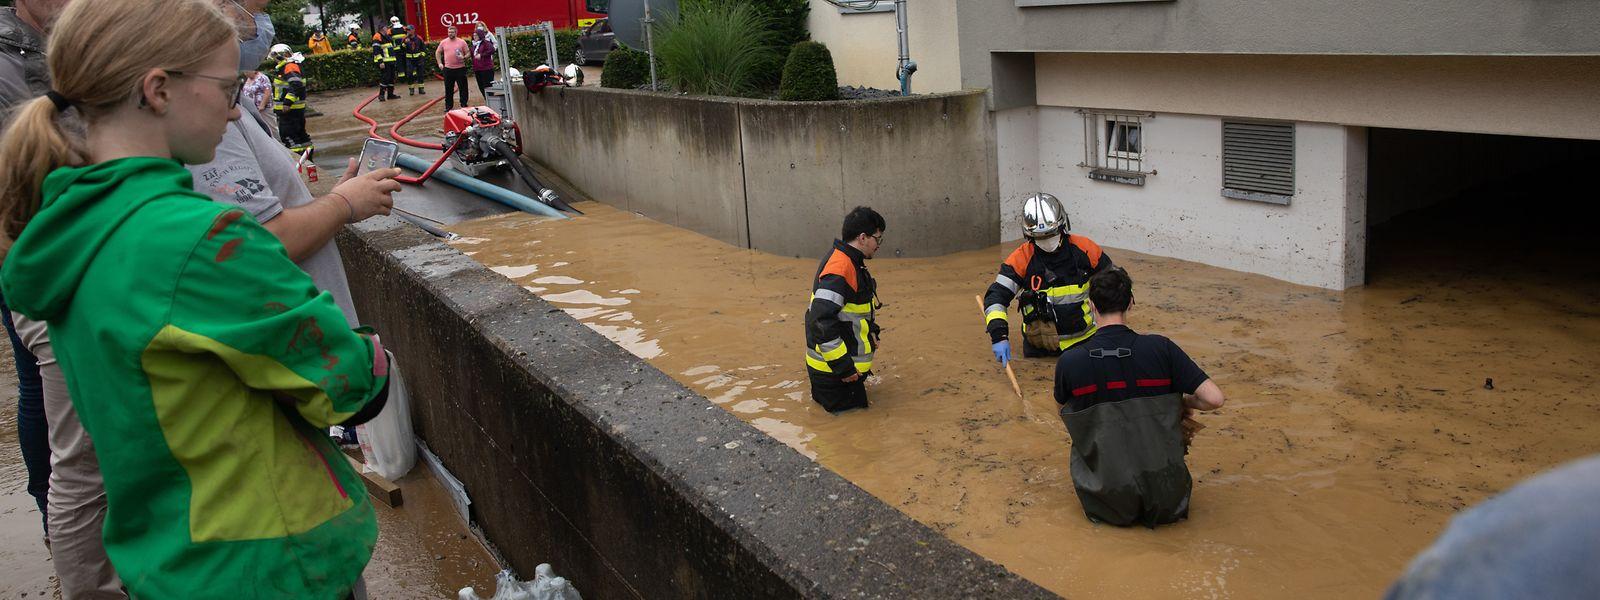 In der Tiefgarage wurden vier Personen von den Wassermassen überrascht.